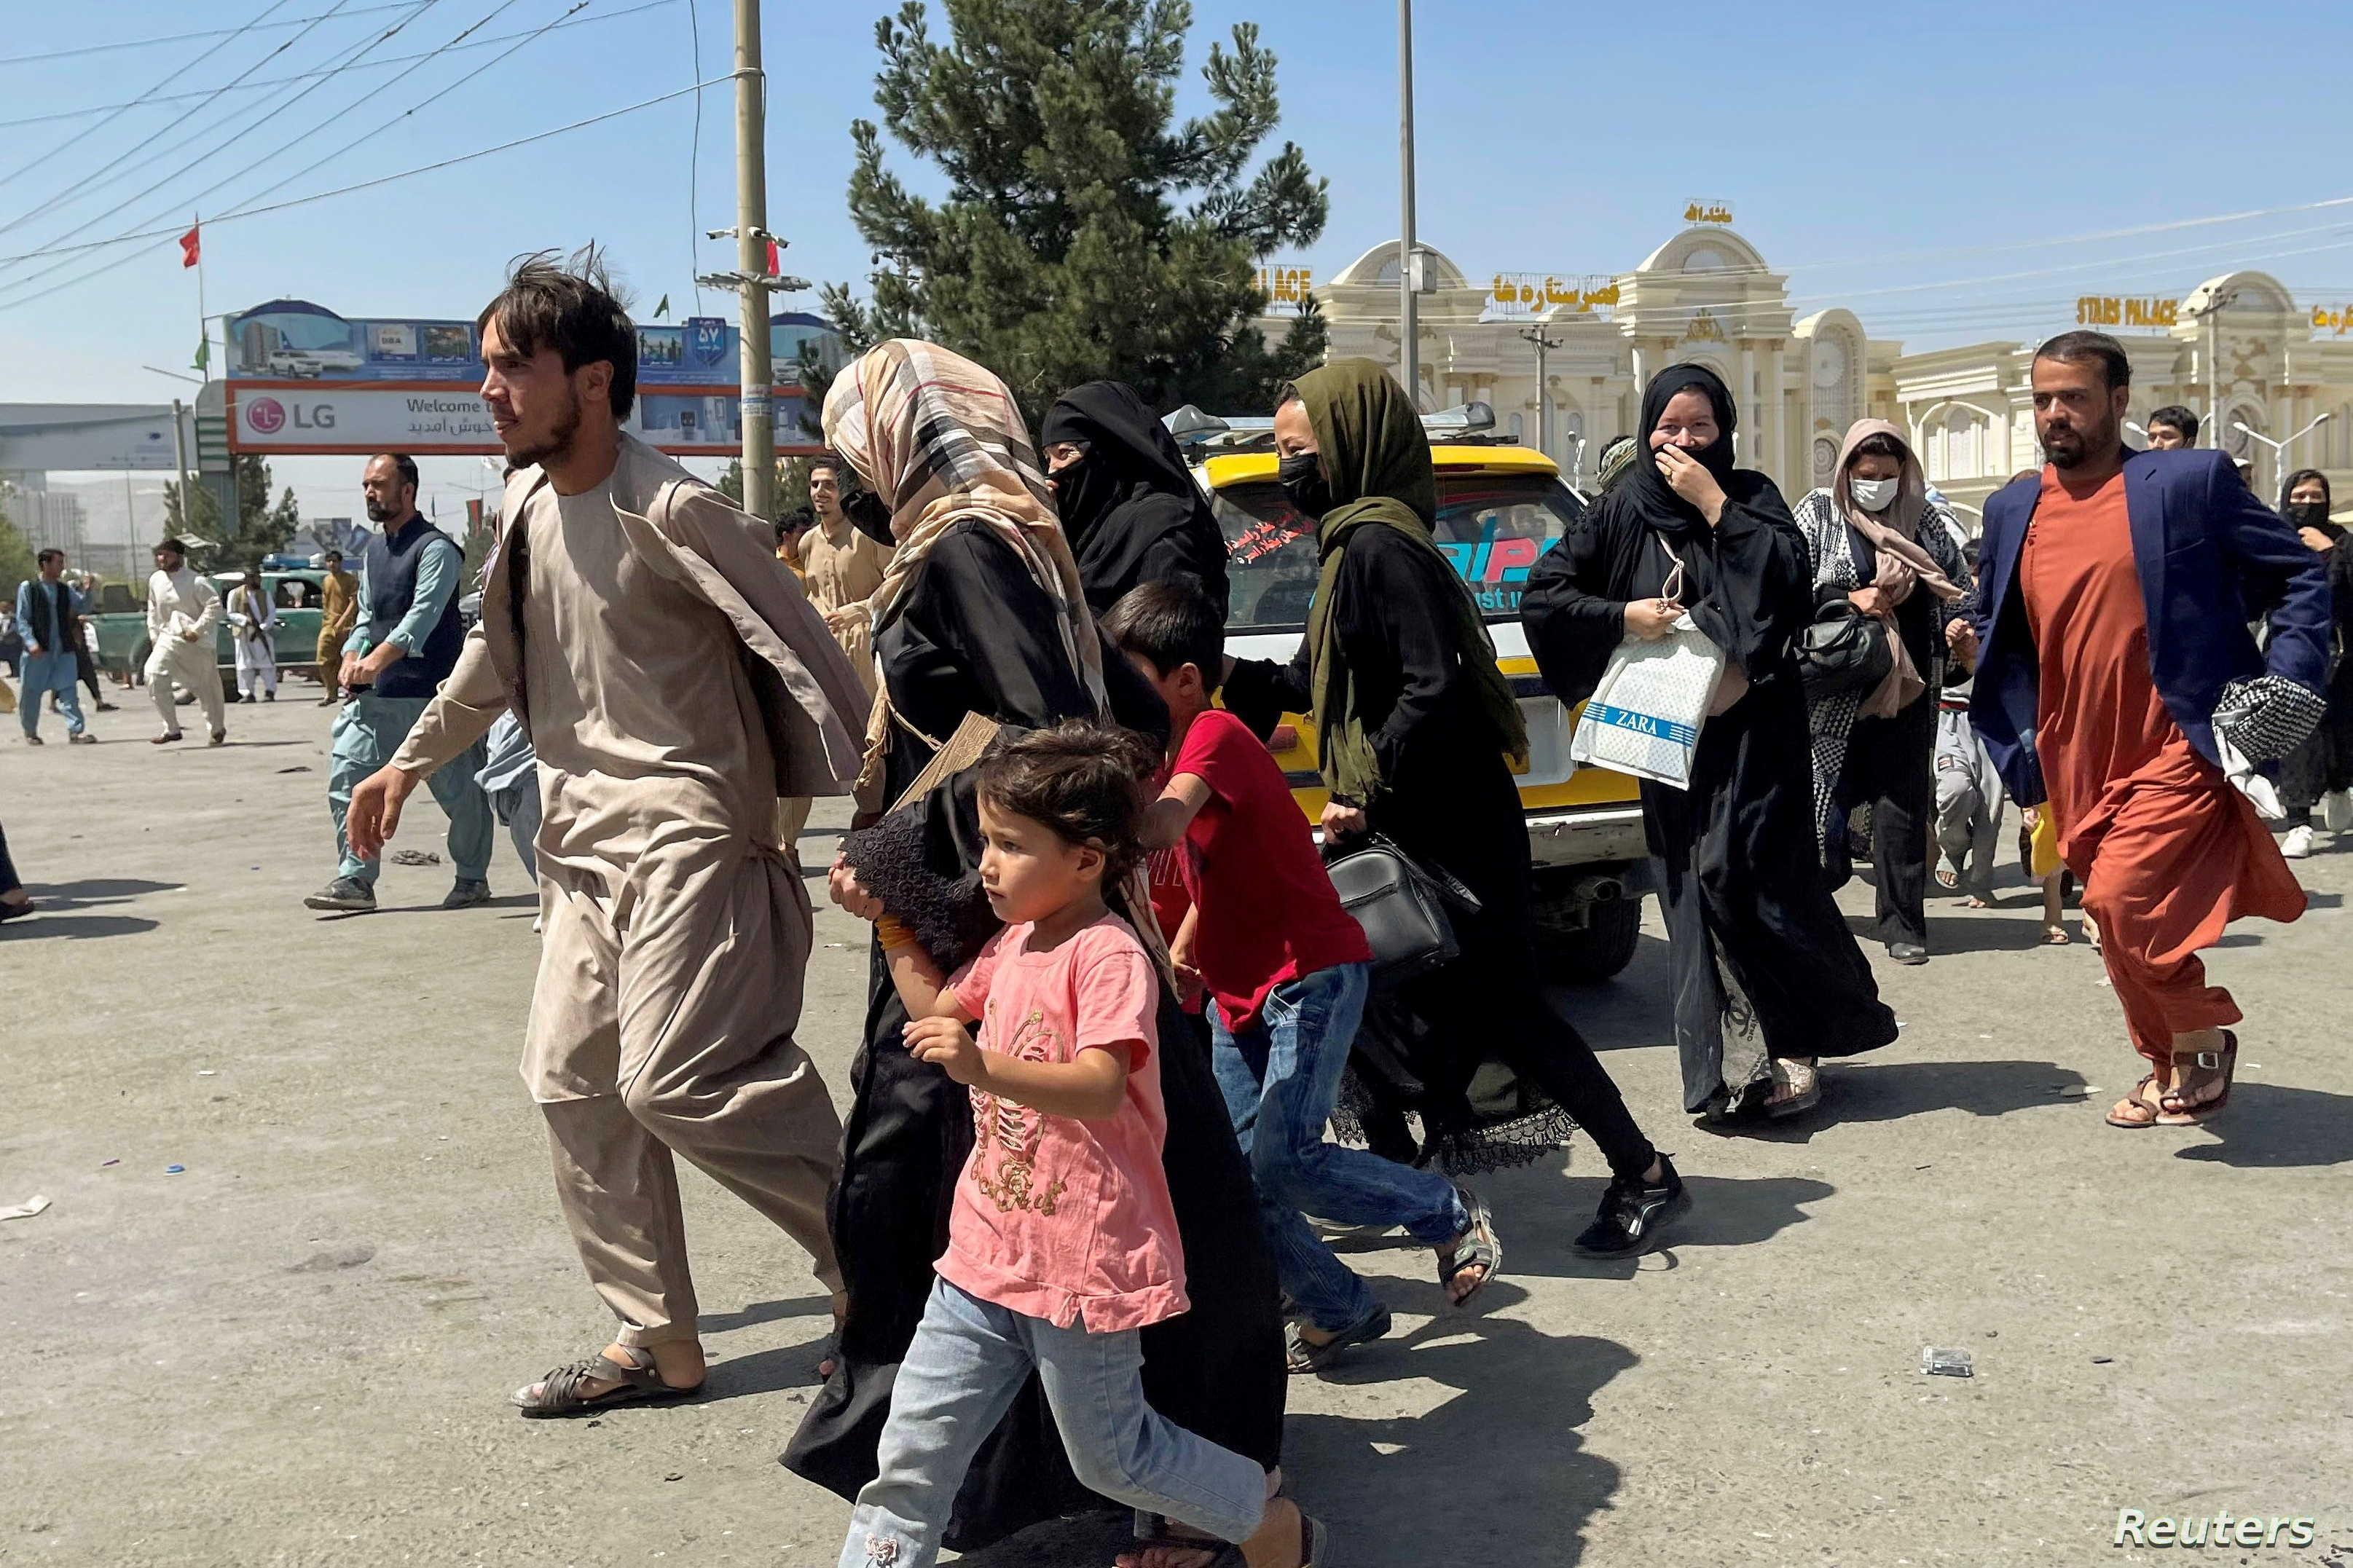 Патрушев: приоритет РФ сейчас - контроль миграции из Афганистана